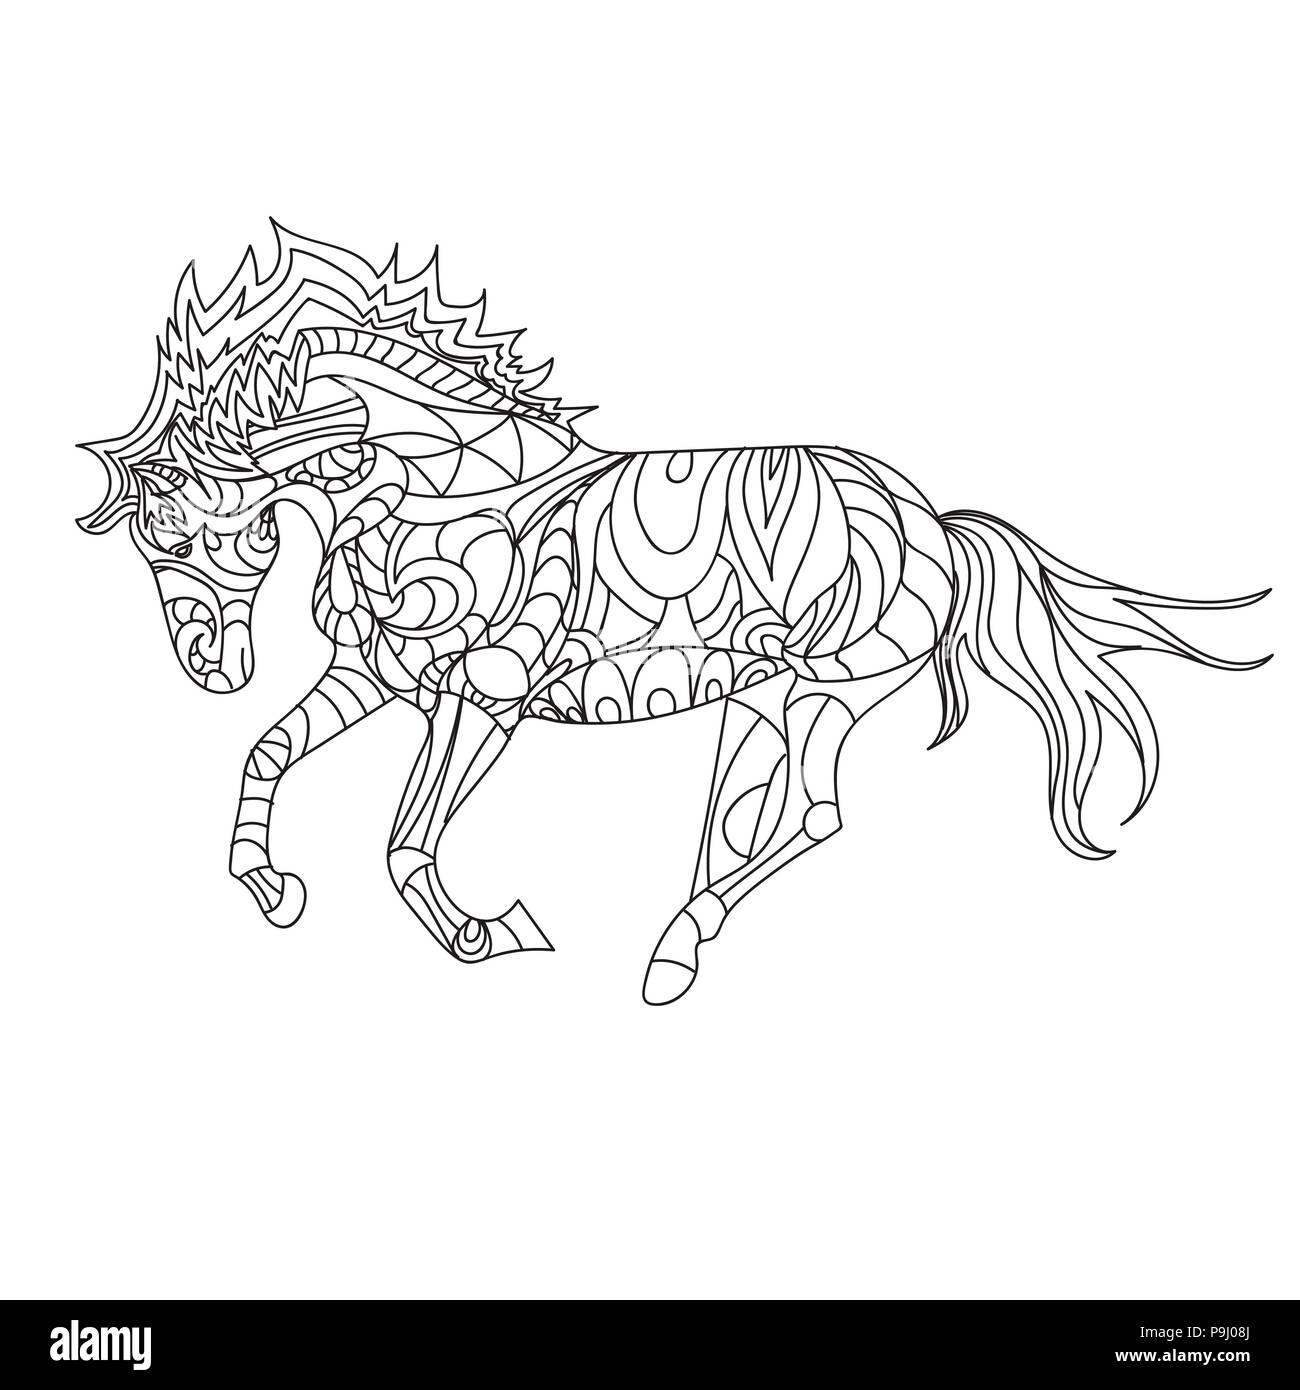 Pferde Malbuch, Seite, einfach. Muster, Vektor Vektor Abbildung ...